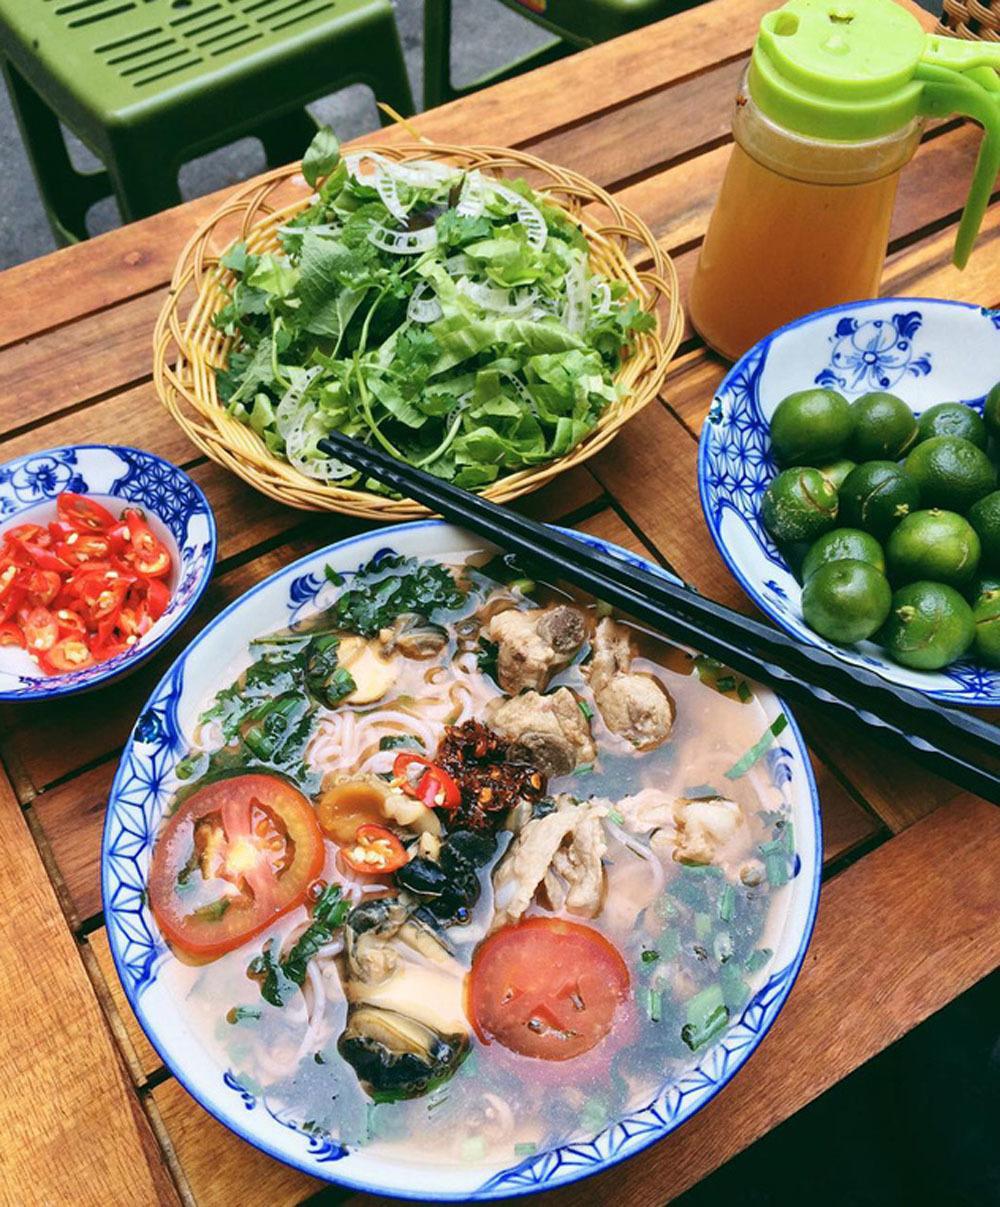 5 món ăn ngon trứ danh nhất định phải thử nếu đến Hà Nội vào mùa thu